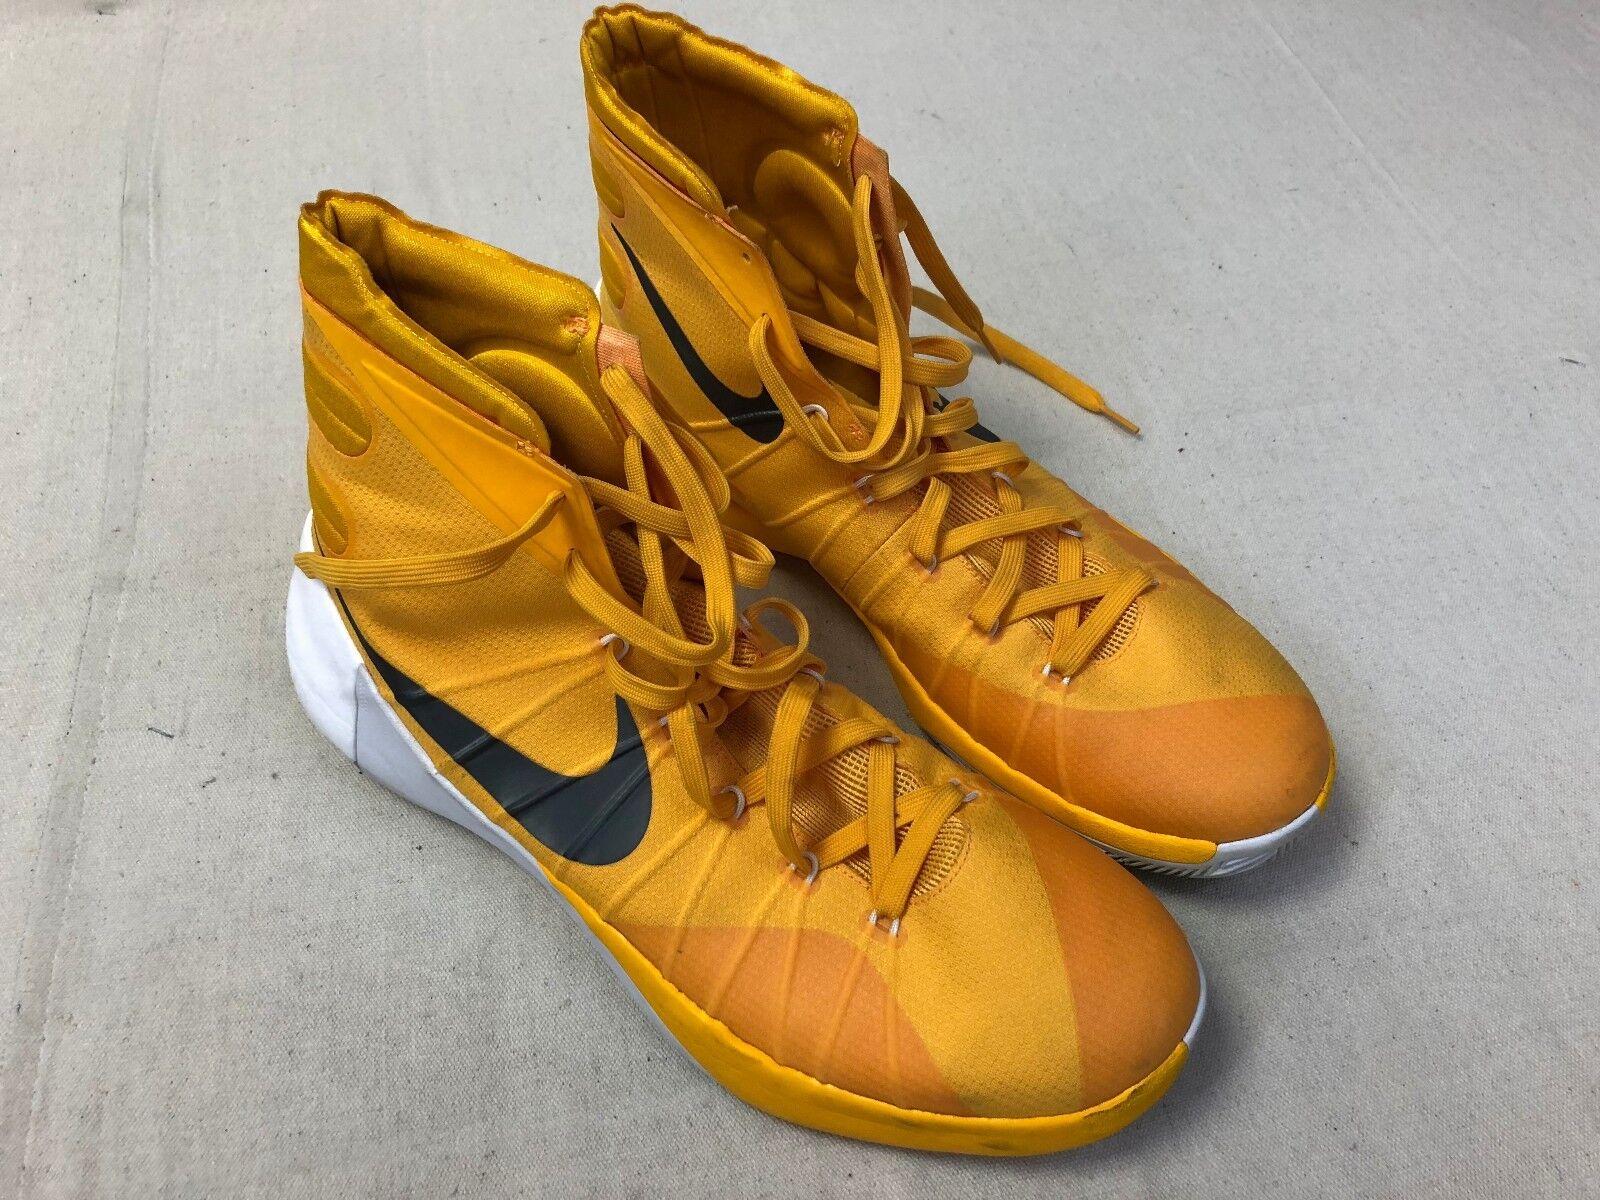 Nike zapatillas de baloncesto blanco amarillo hyperdunk SZ 14 usa de 812944 711 S05 marca de usa descuento 0a01c9